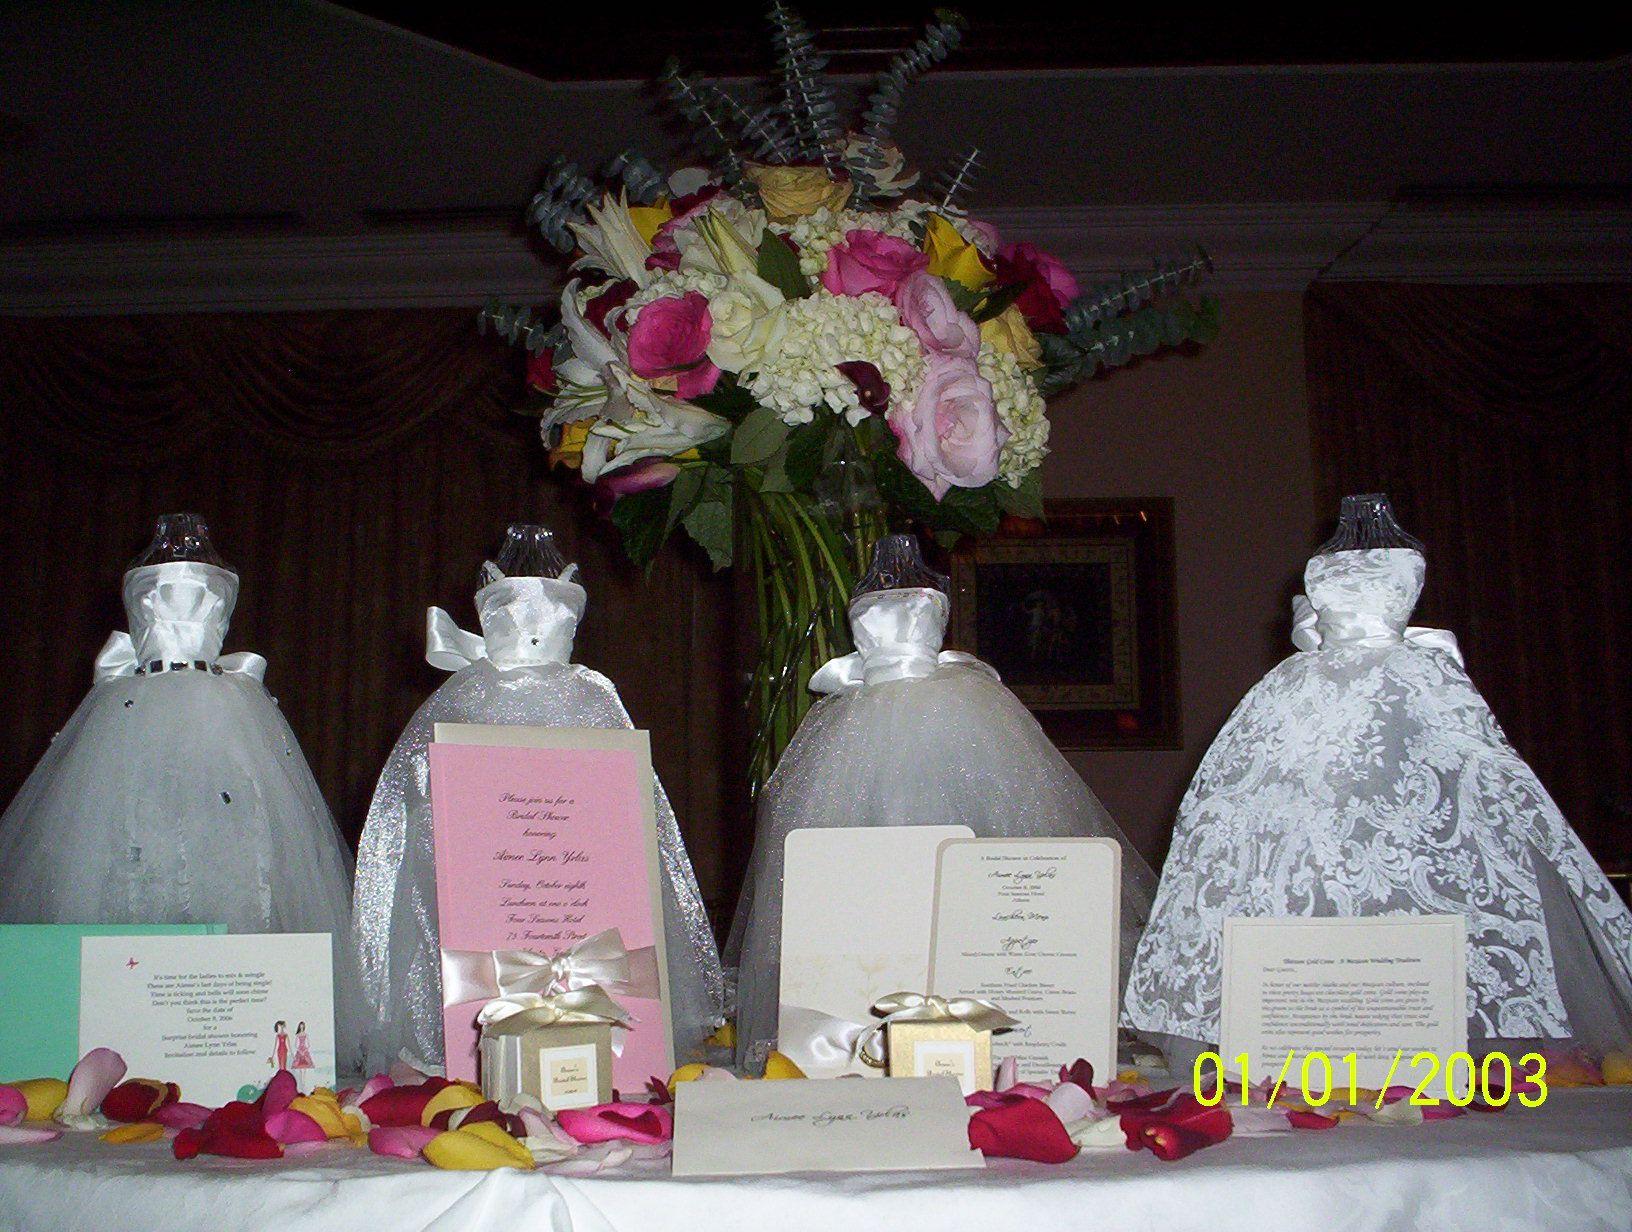 Pinterest Bridal Shower: Flowers, Favors, Decorations